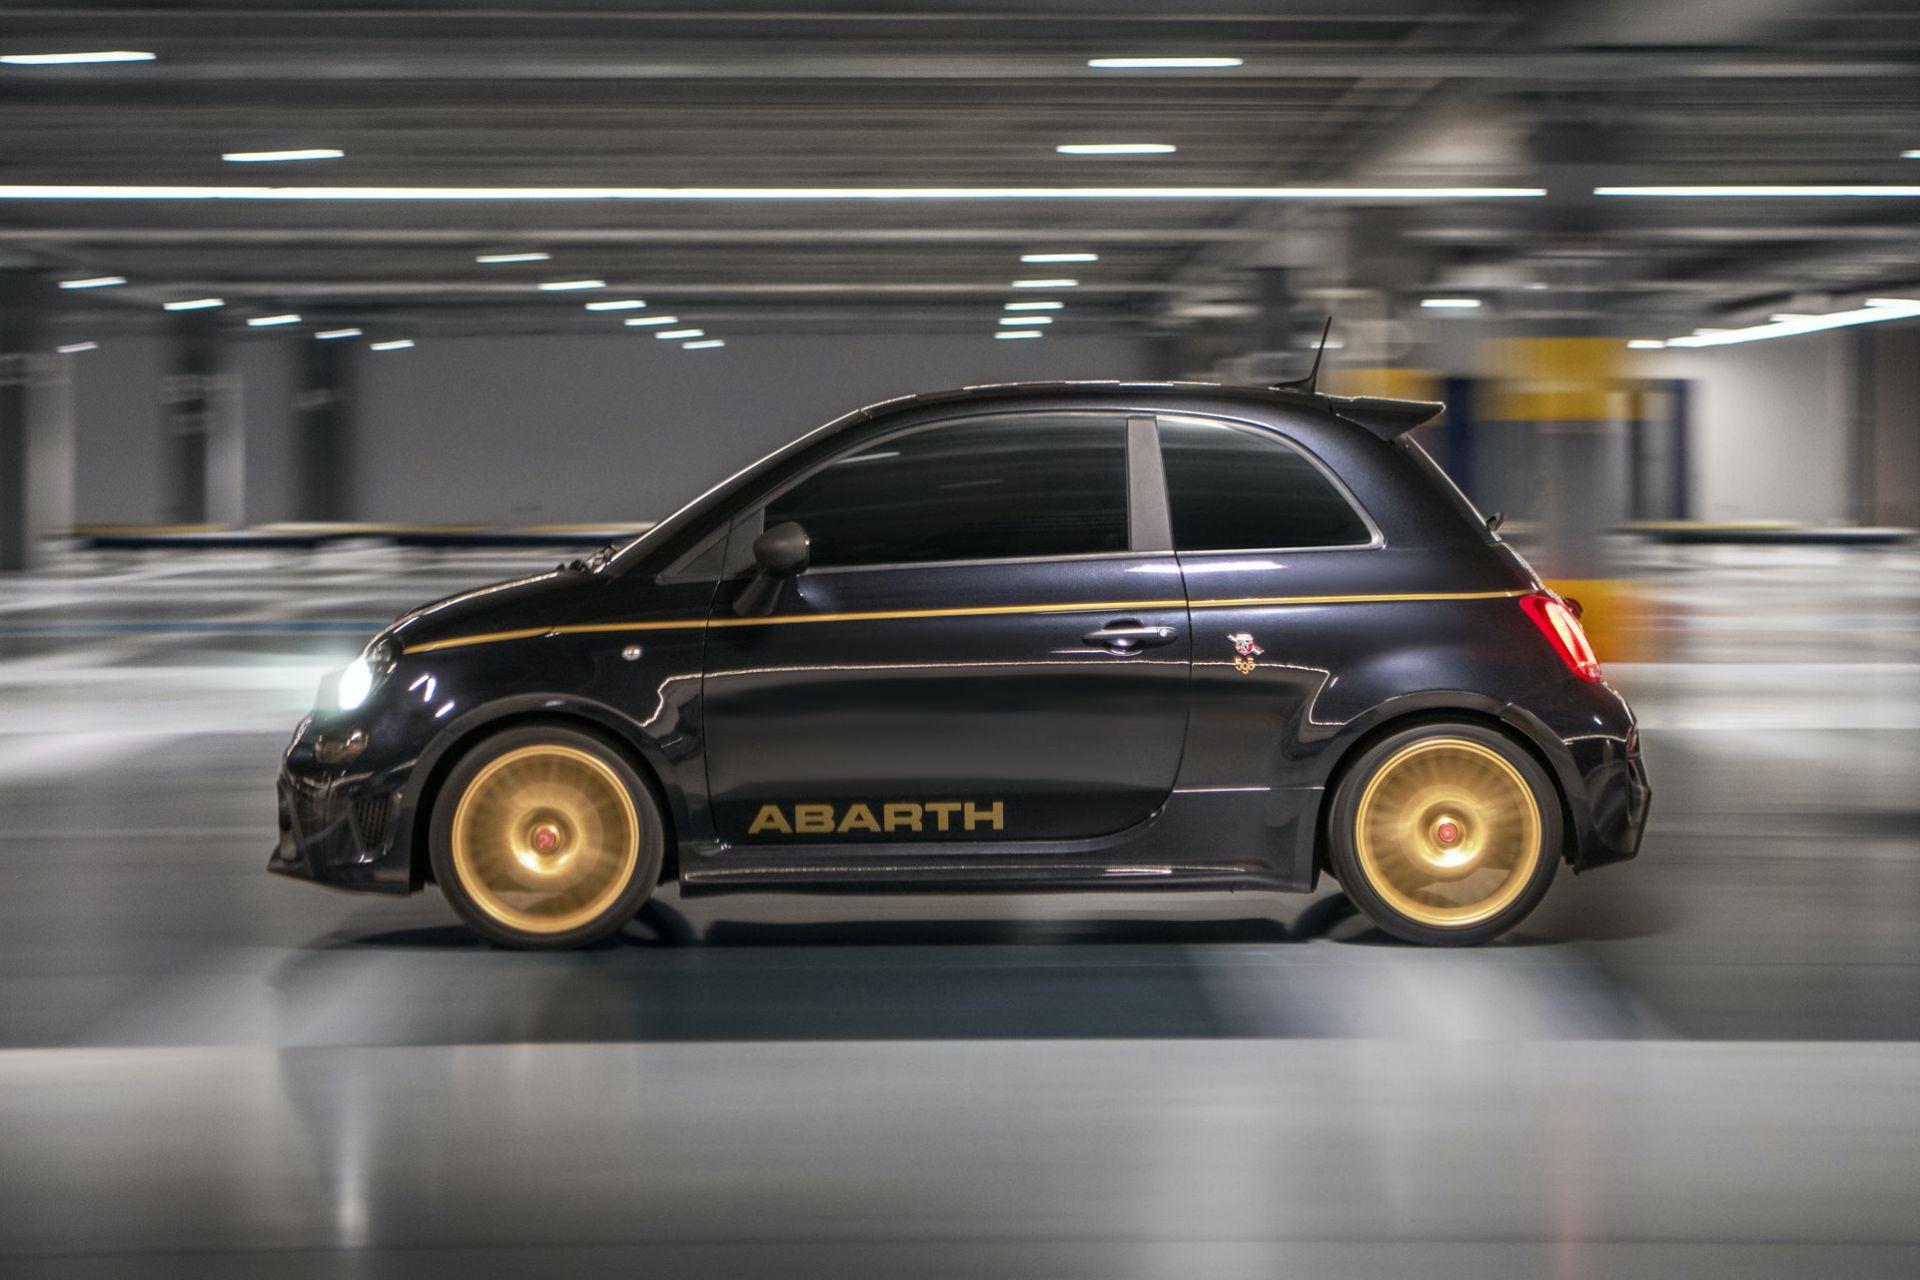 Abarth-595-Scorpioneoro-Edition-16